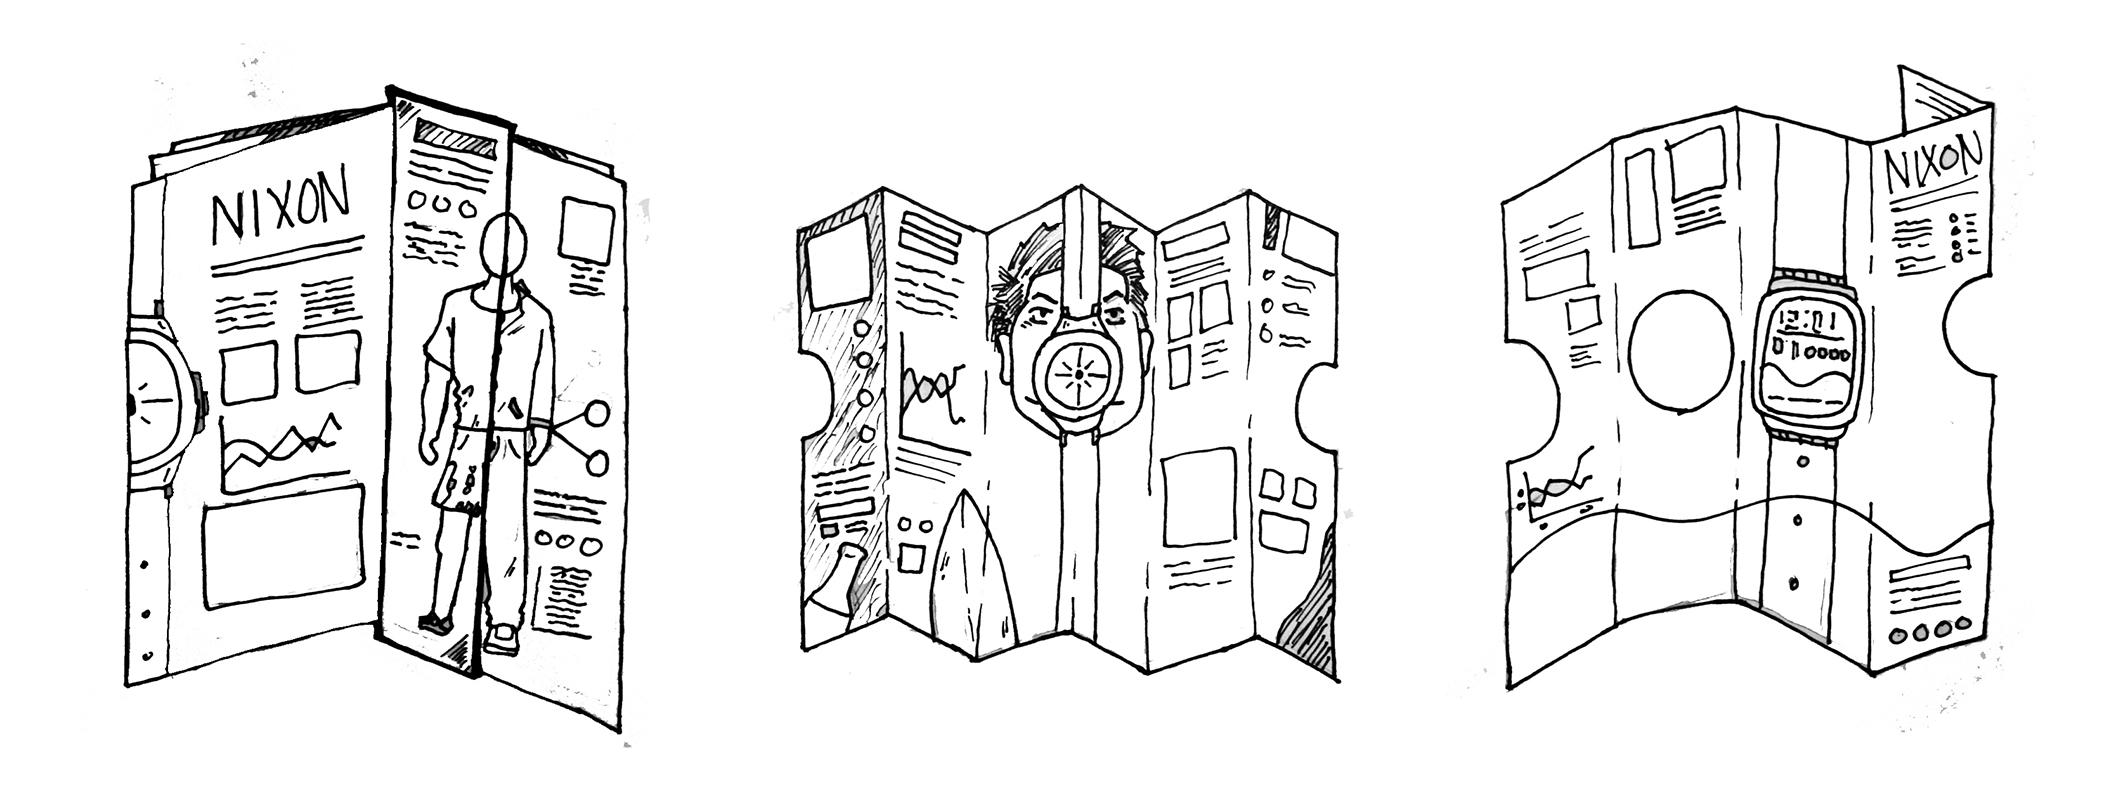 sketch_01-3.jpg